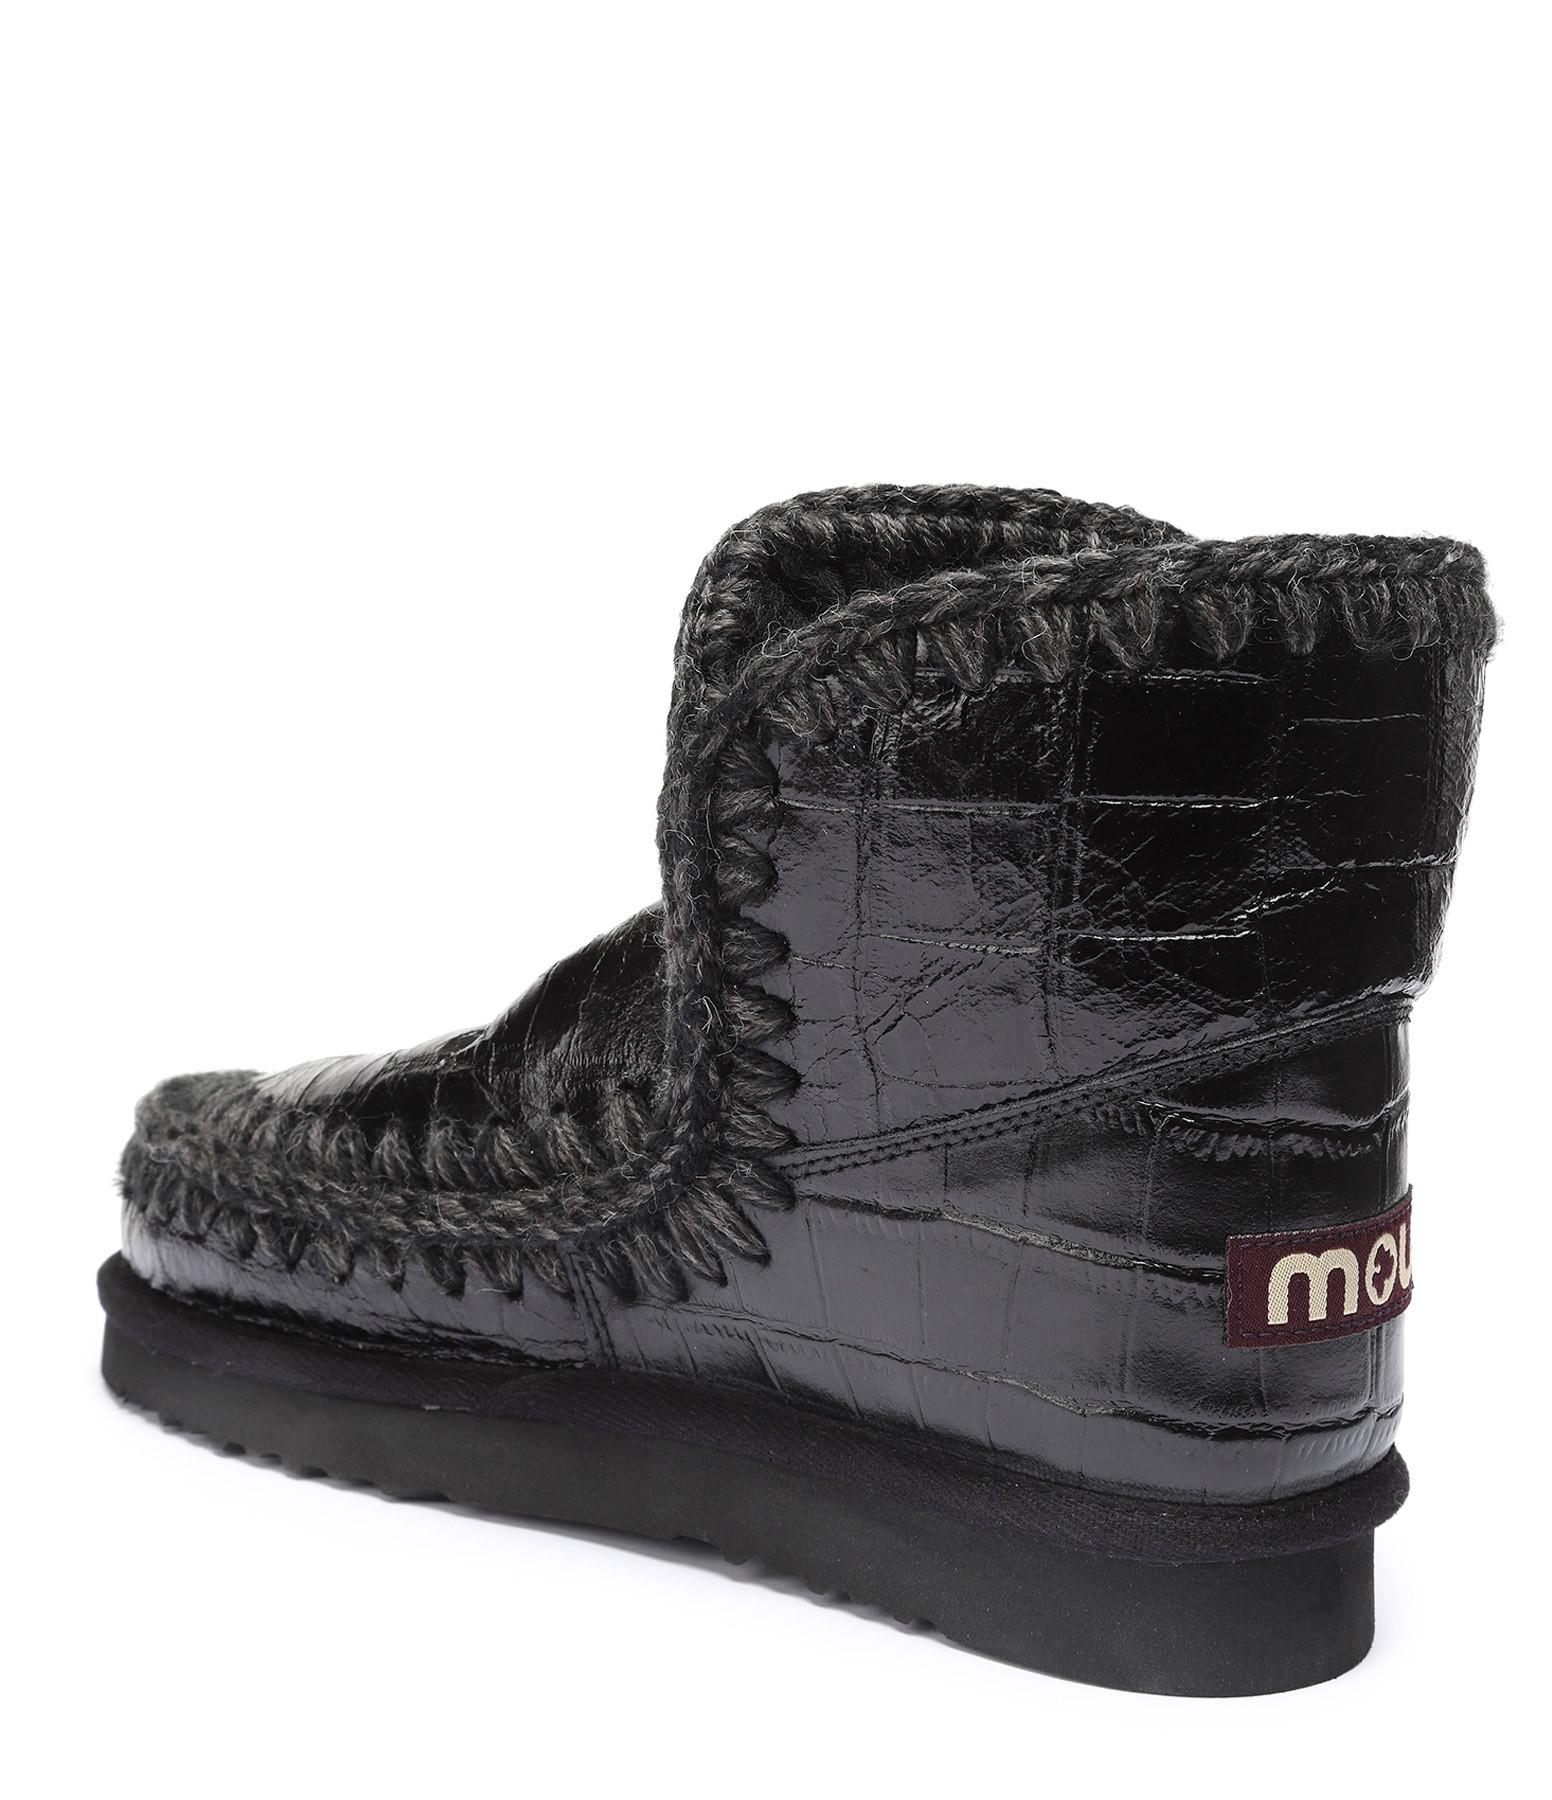 MOU - Bottines Compensées Eskimo 18 Croco Noir